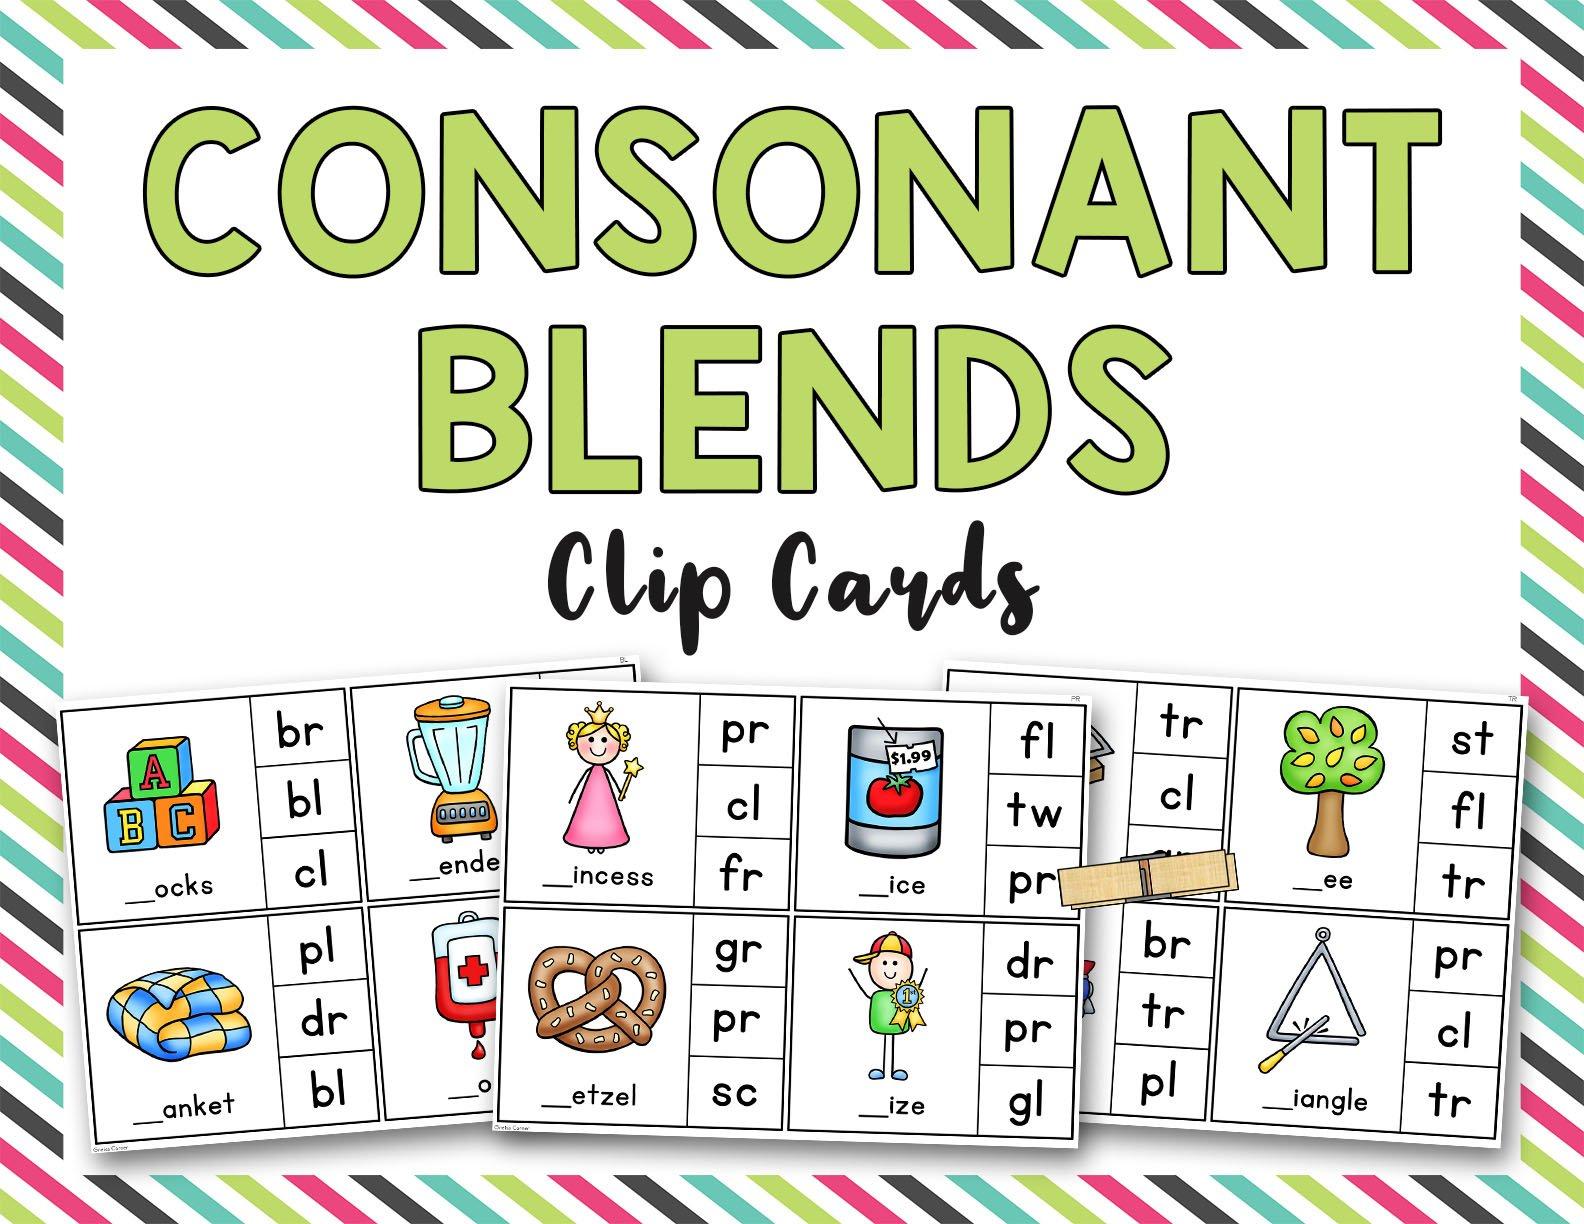 Consonant Blends Clip it Cards (L, R, S blends)